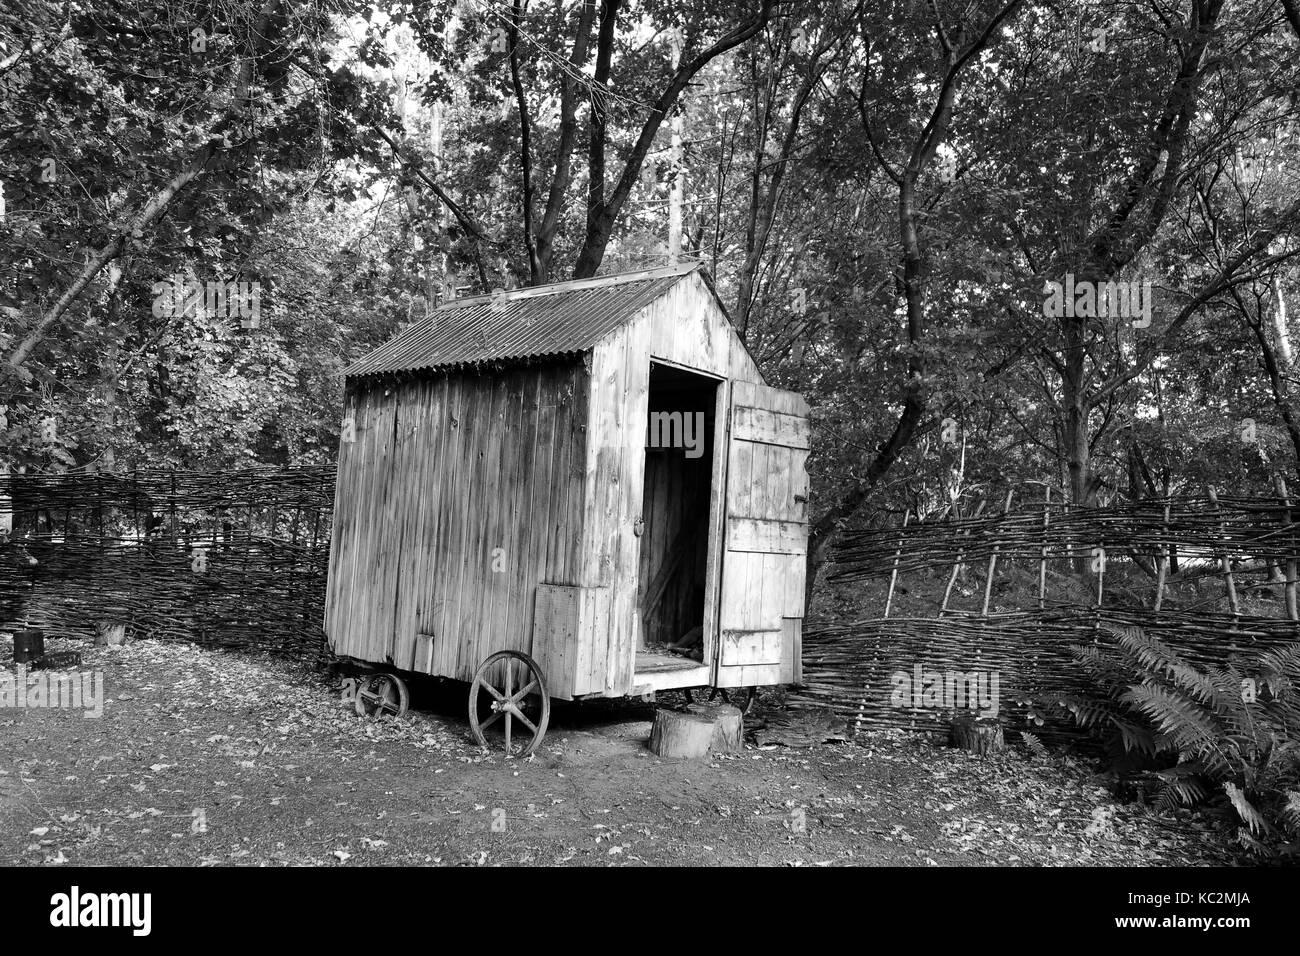 Abri de jardin bois sur roues Grande-bretagne Uk Banque D ...